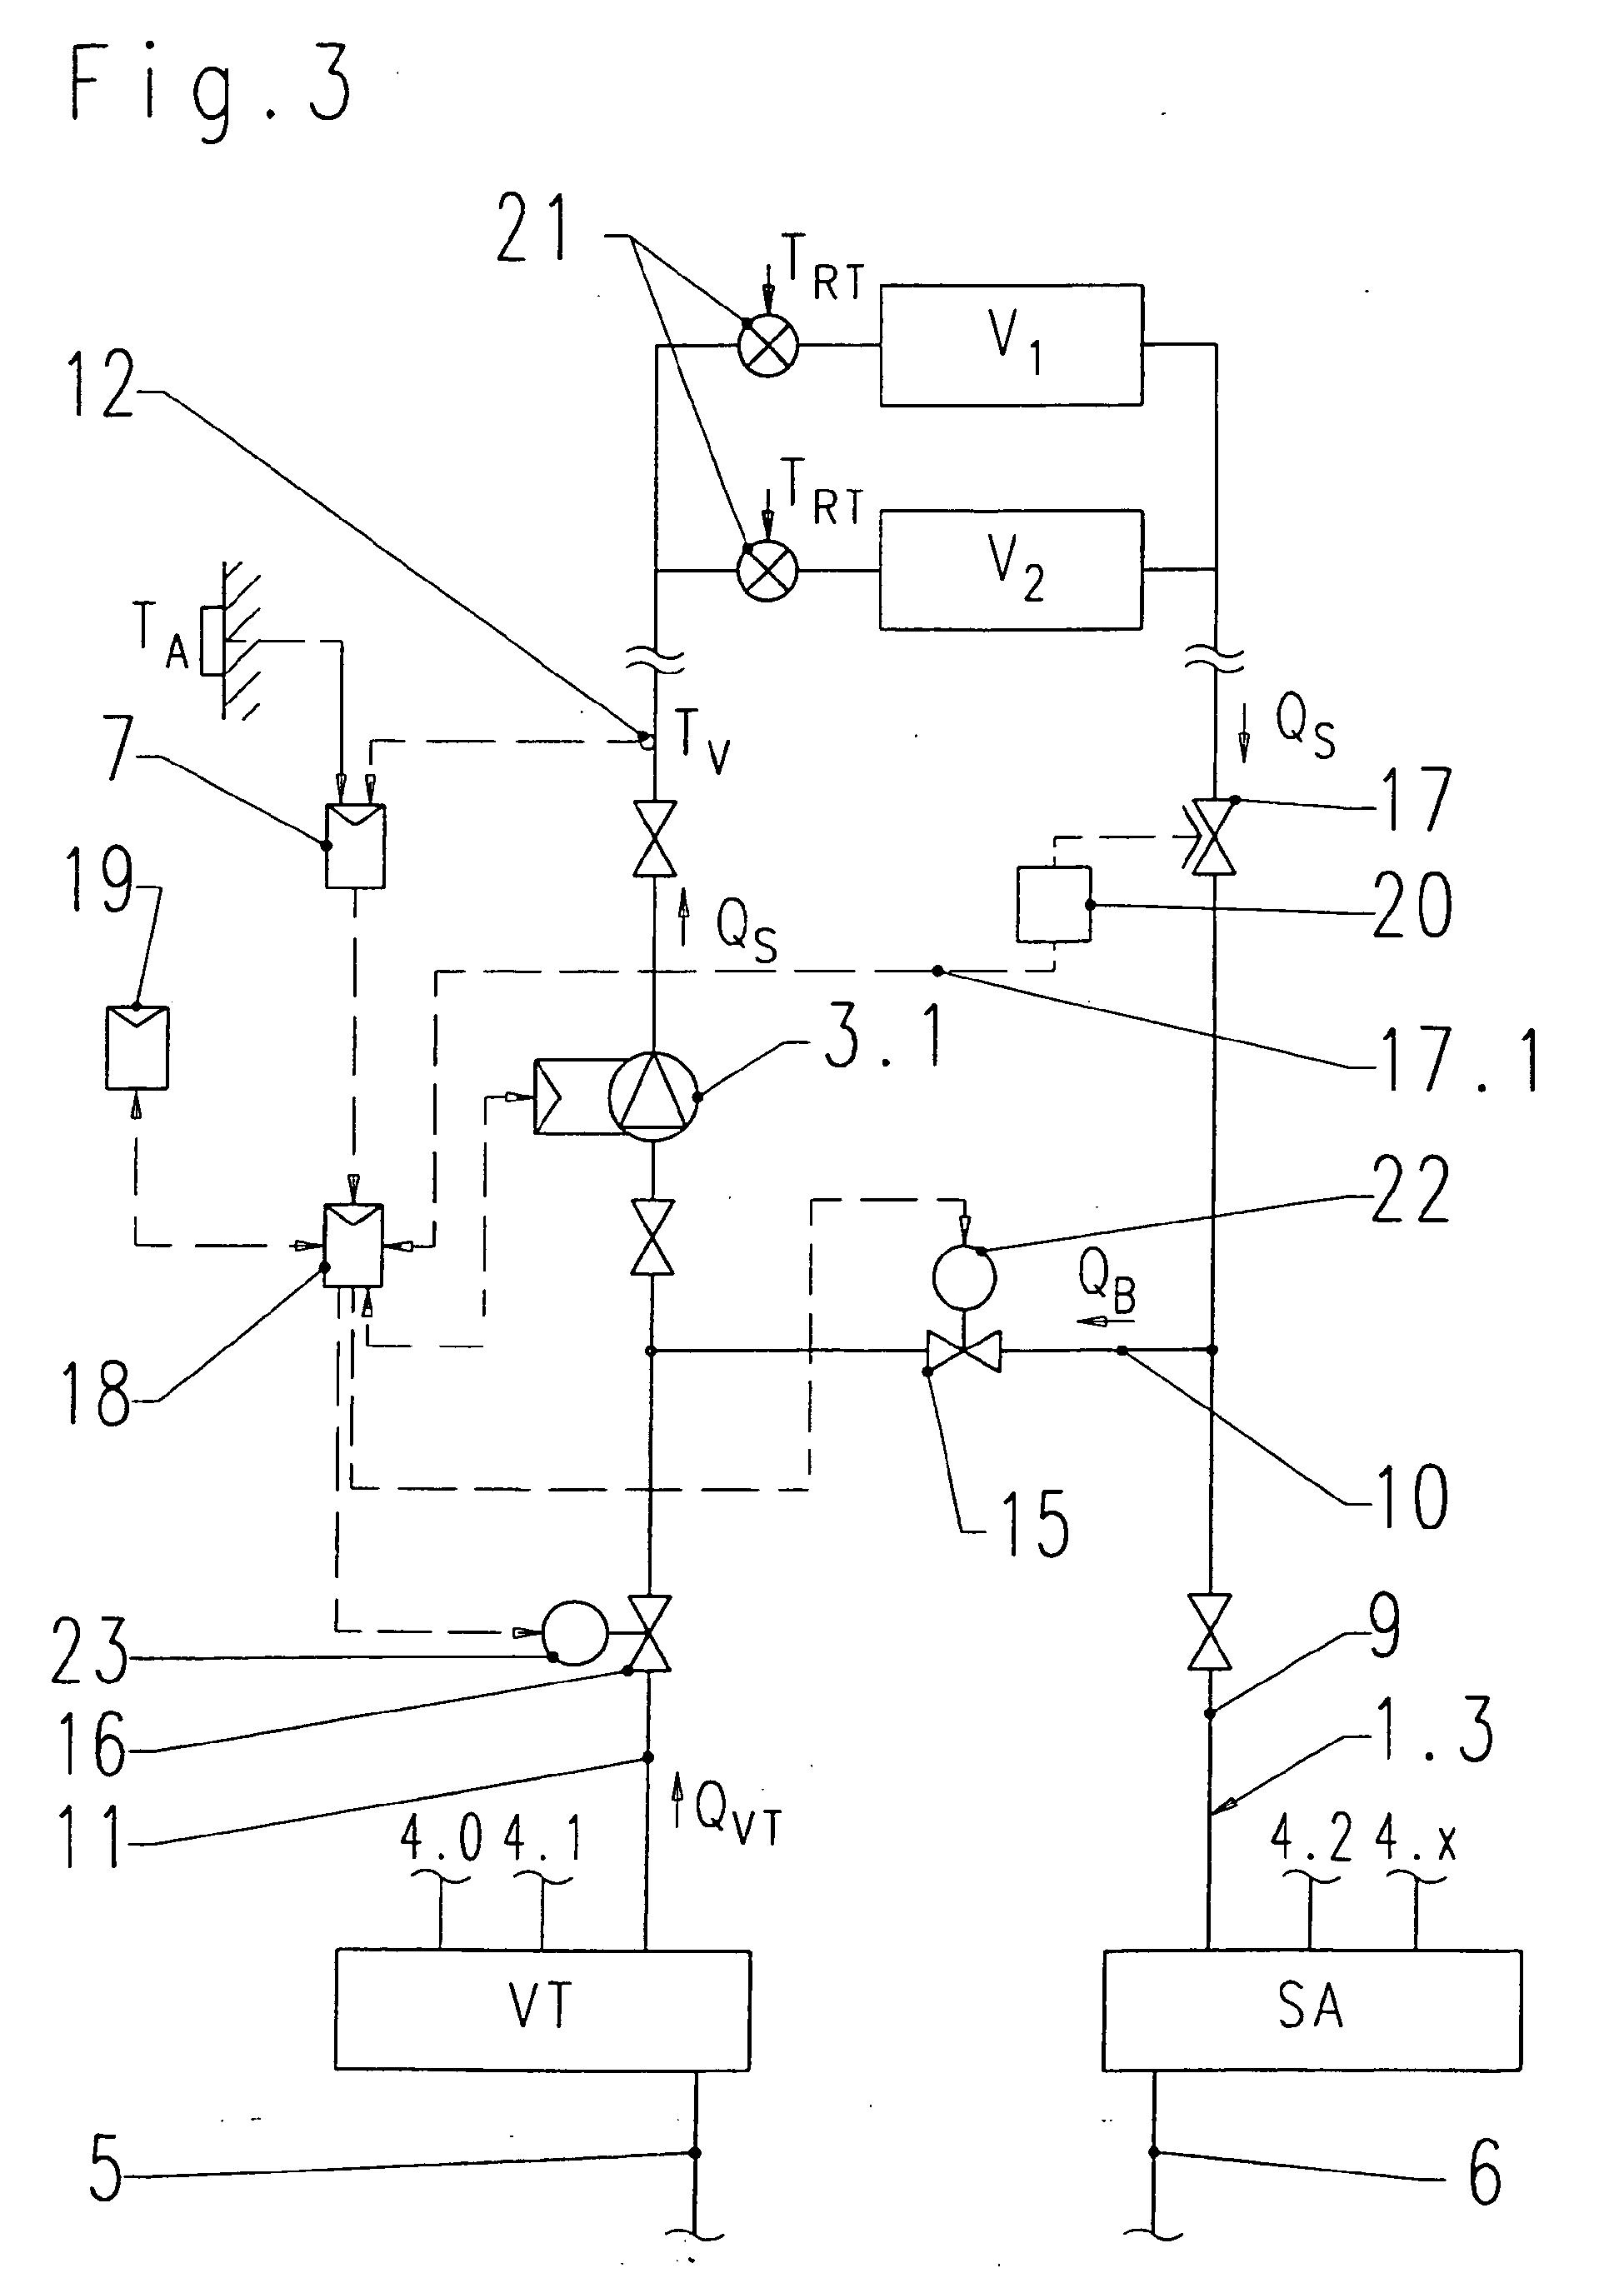 Tolle Rohrleitungsschema Galerie - Der Schaltplan - triangre.info